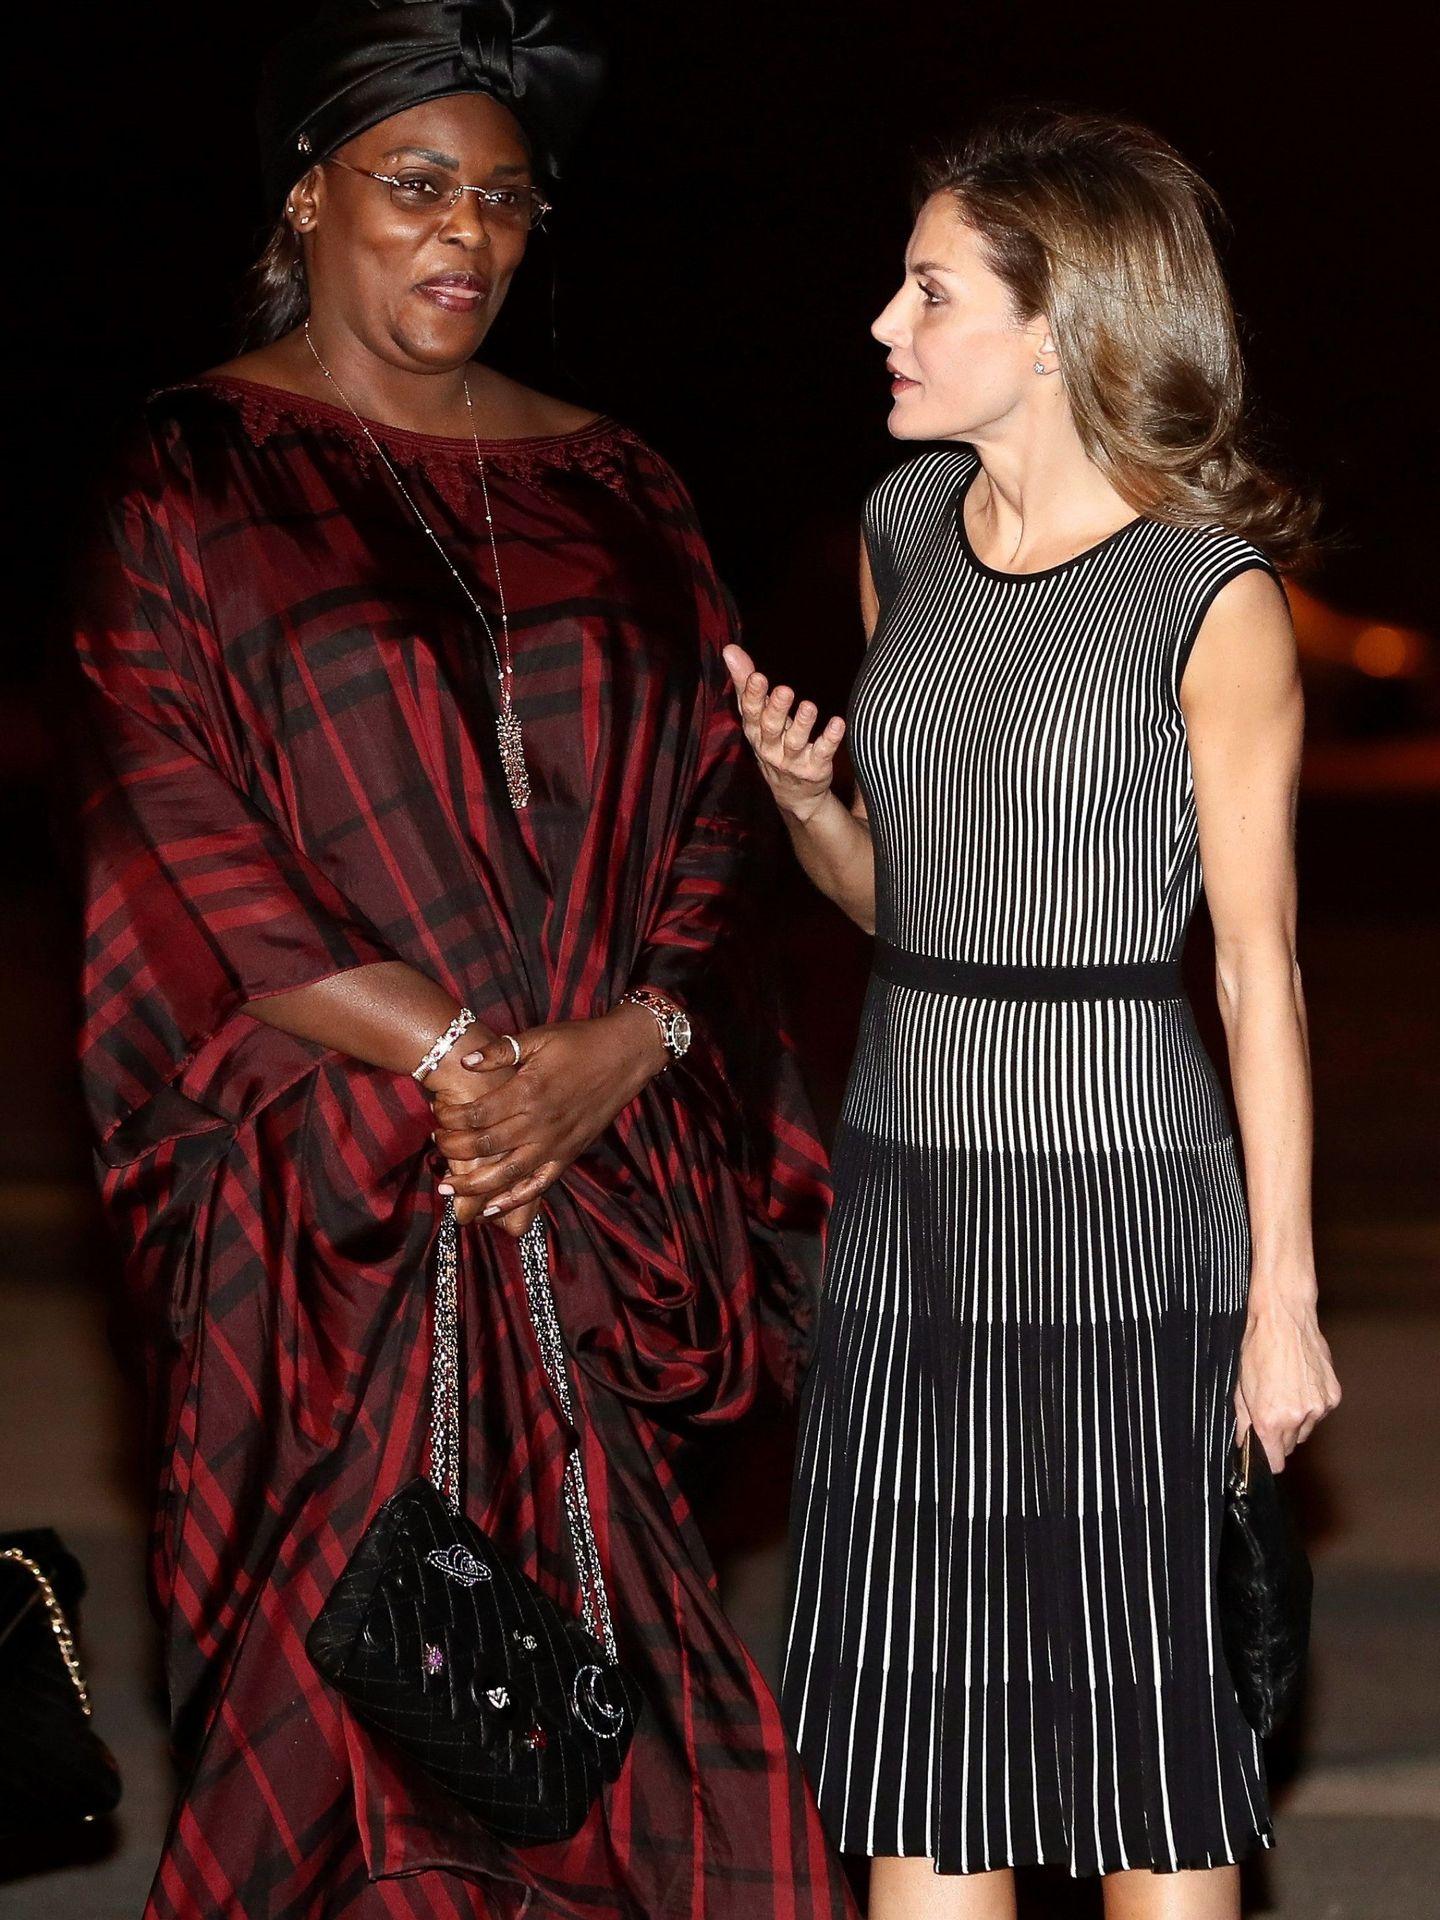 La Reina, en Senegal con un vestido parecido al de su hija. (EFE)